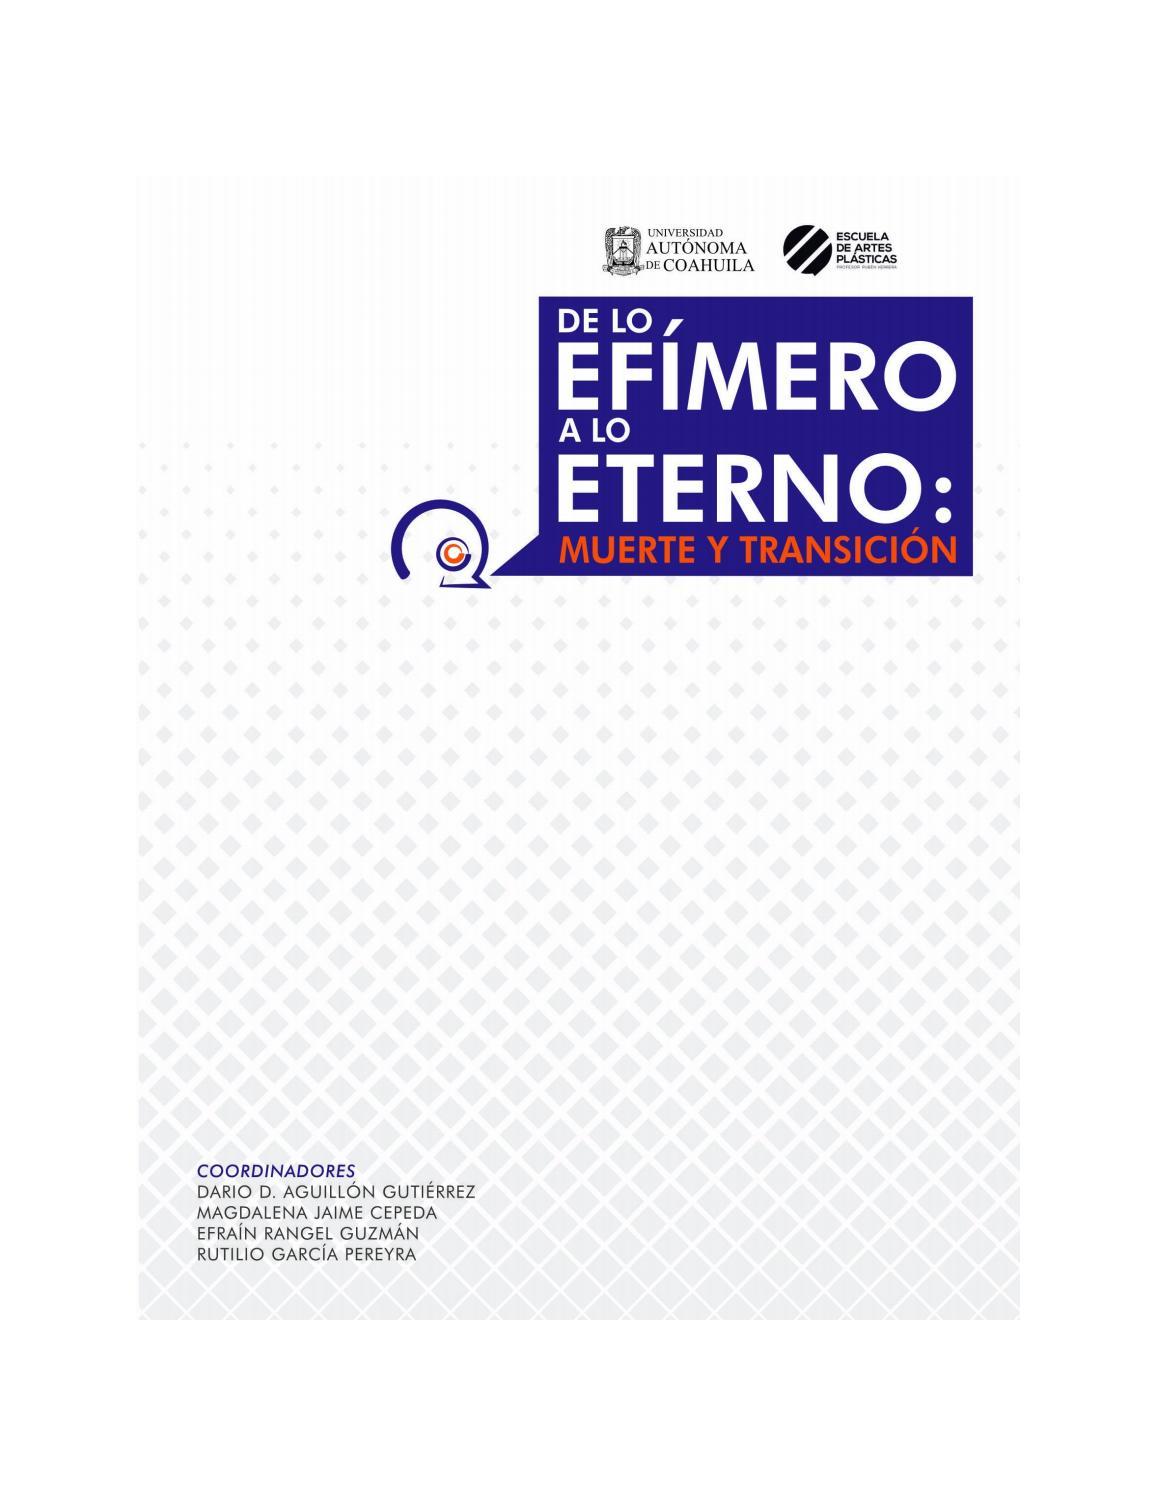 De lo efímero a lo eterno: muerte y transición by Escuela de Artes ...